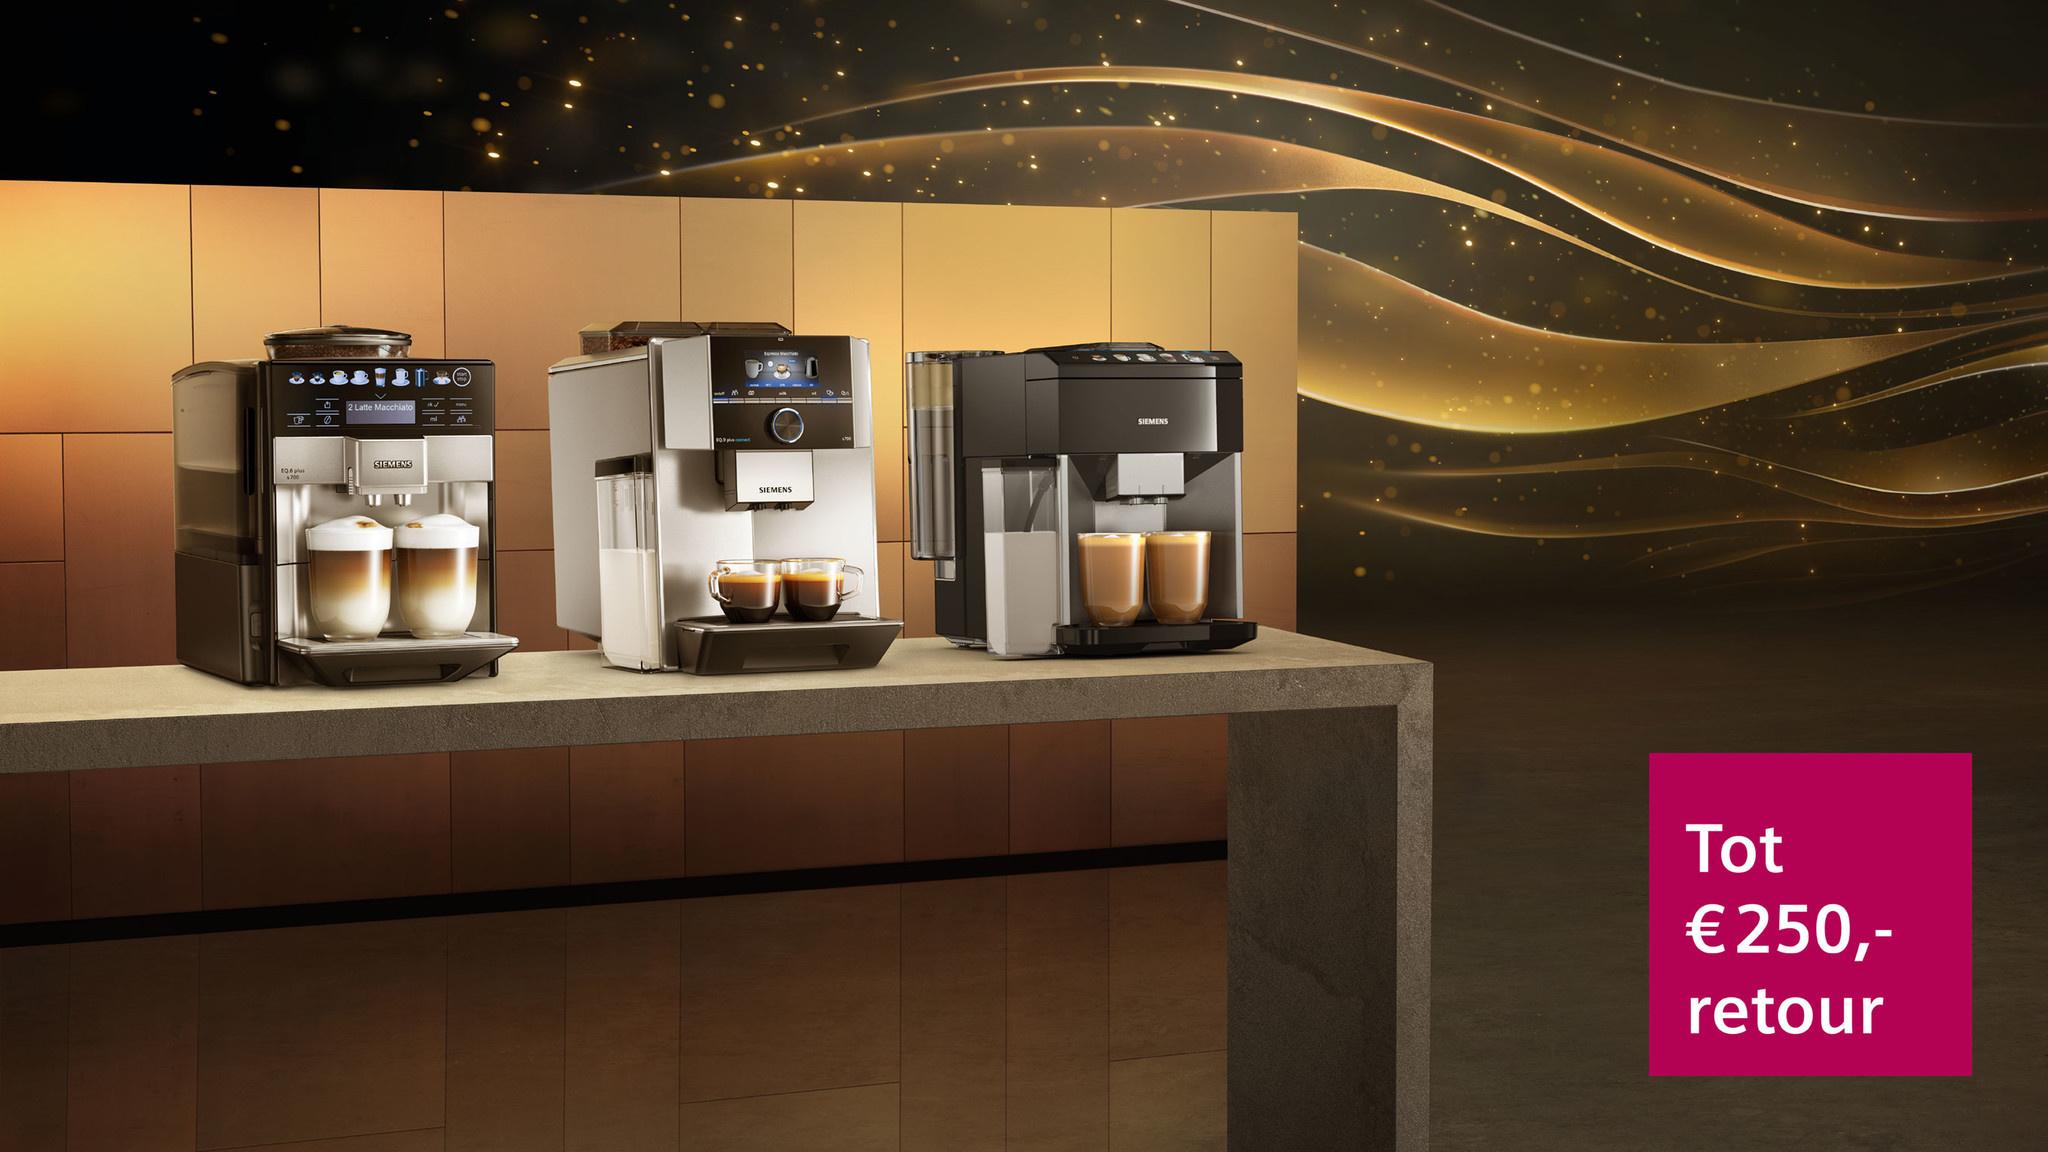 Cashbackactie Siemens EQ espresso volautomaten